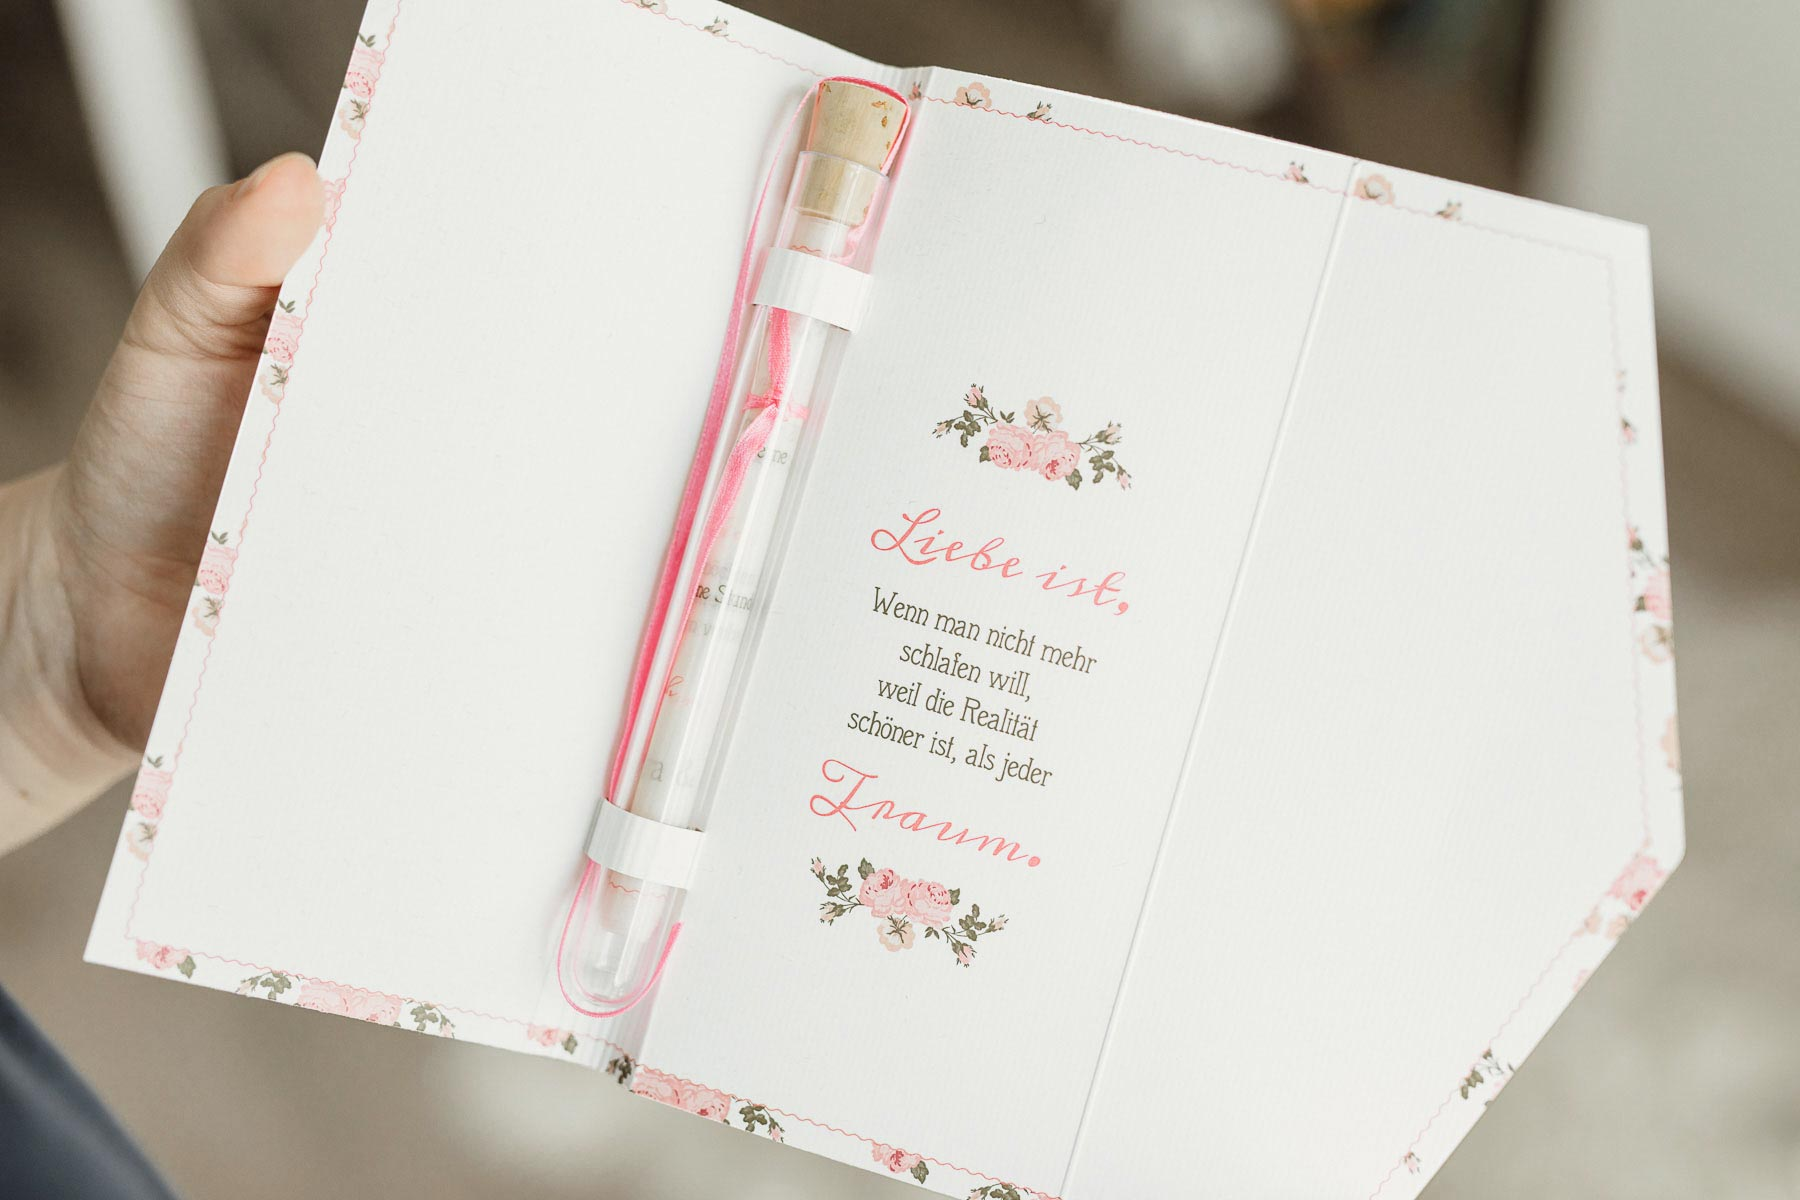 Die besten Anbieter für Hochzeitskarten: carinokarten